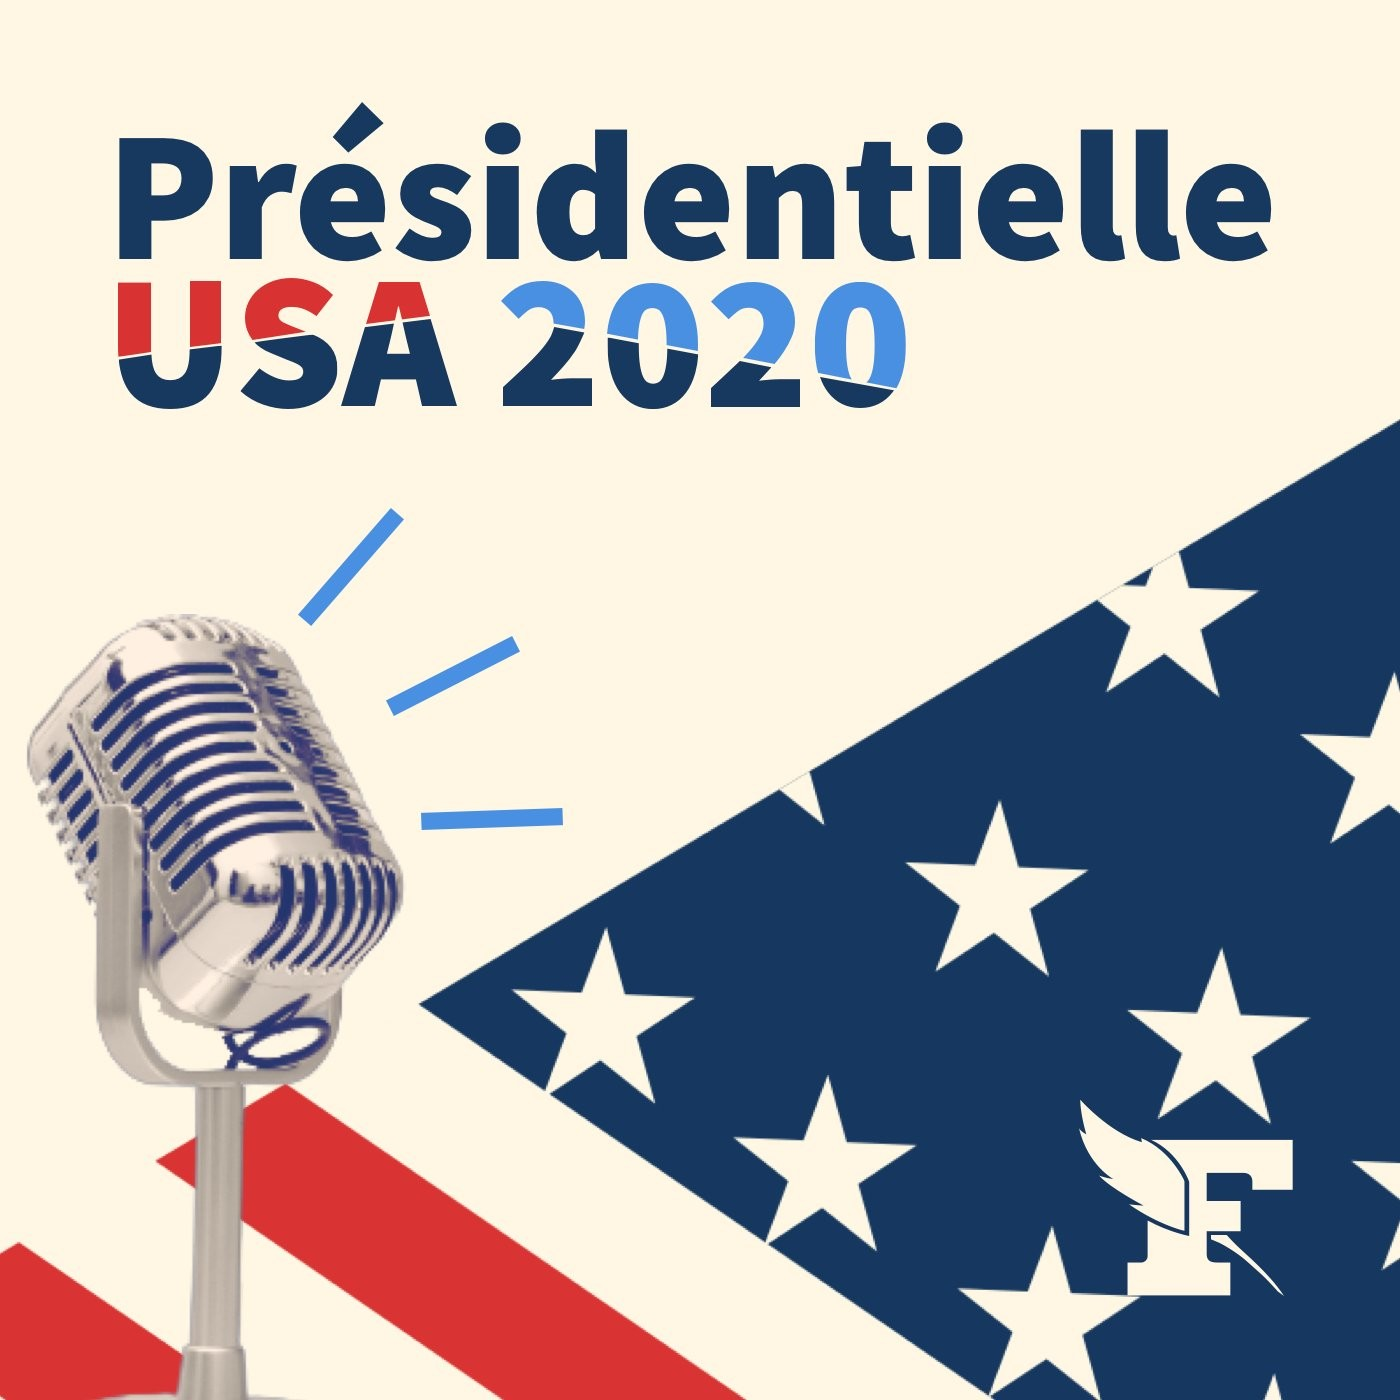 Présidentielle US